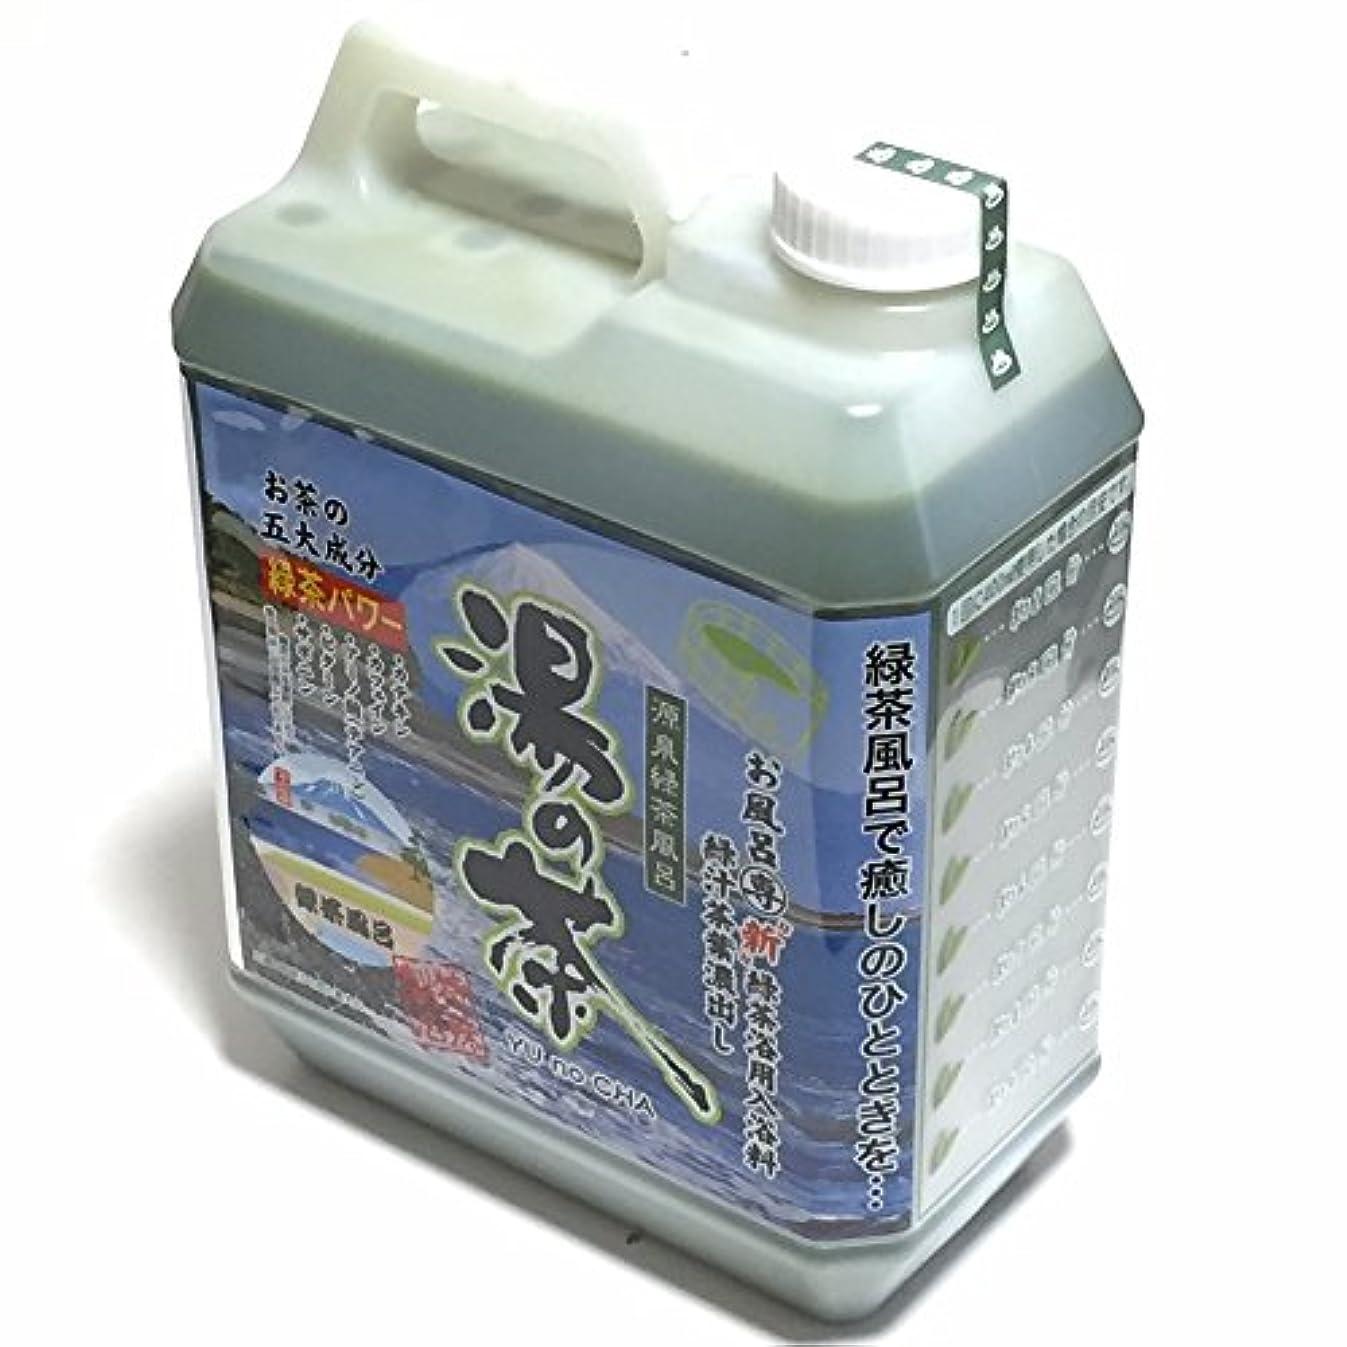 エンゲージメントマガジン肩をすくめる緑茶のお風呂に入ろう??静岡茶葉100% 高濃度カテキン 緑茶入浴化粧品 湯の茶 大容量4リットル